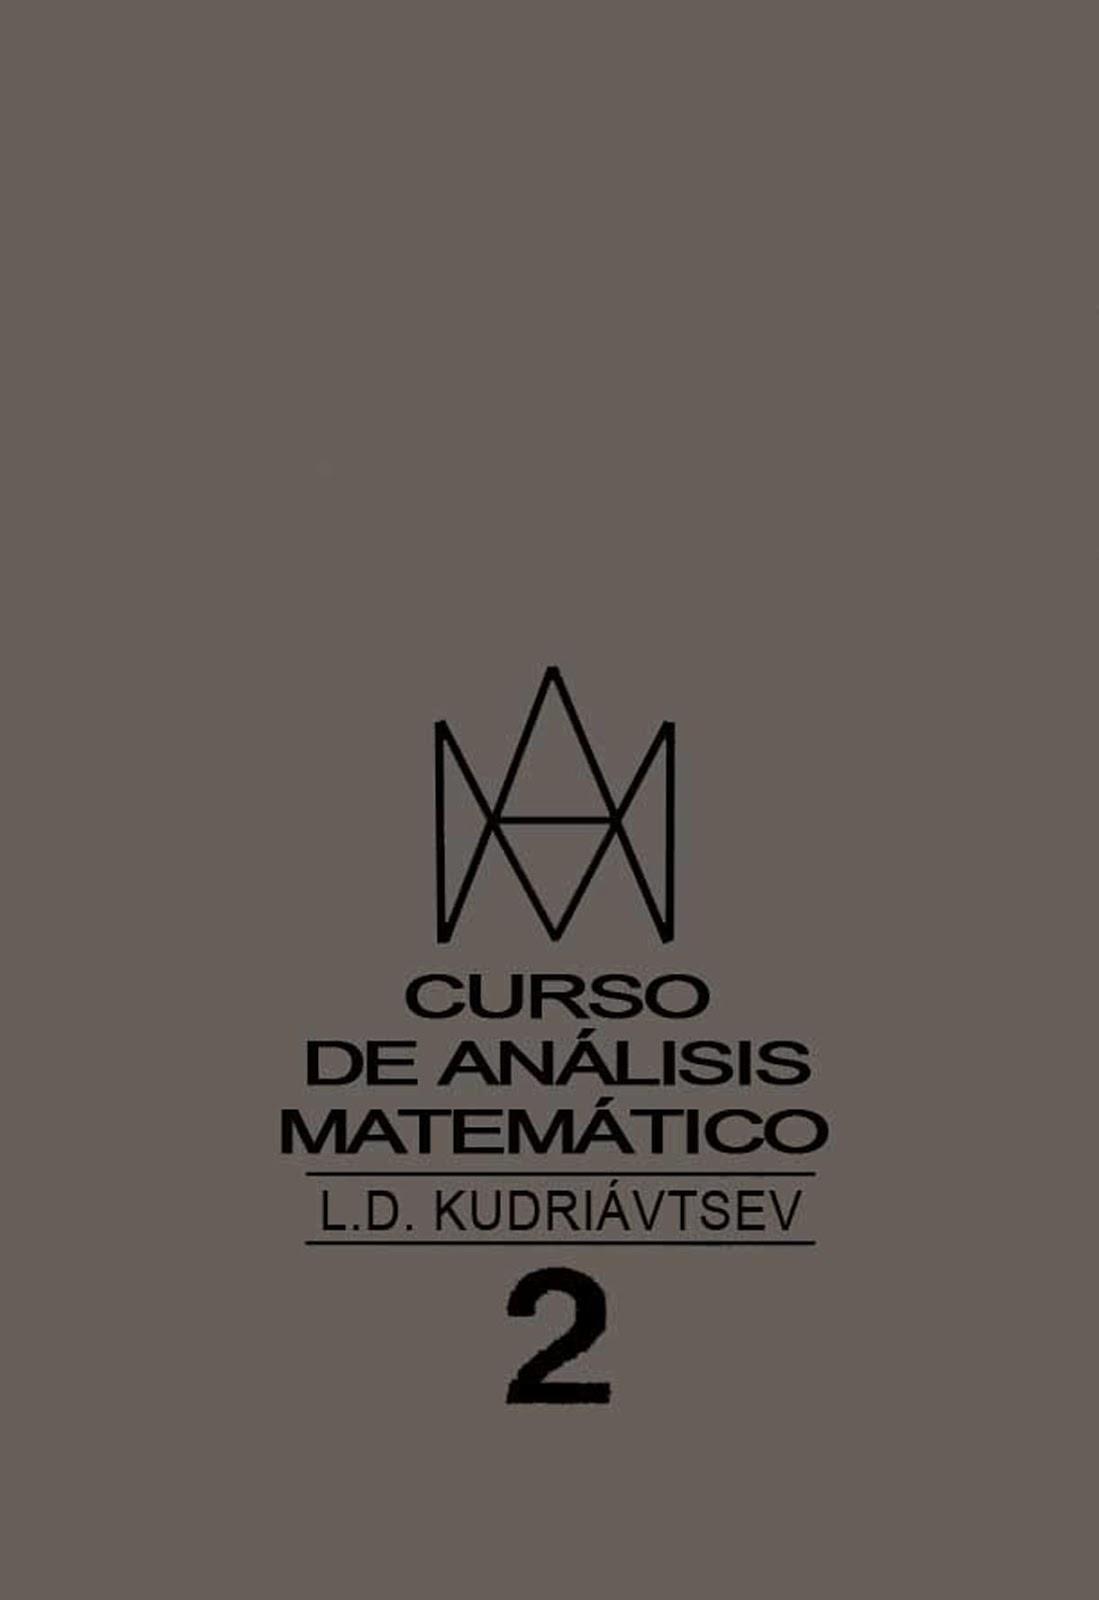 Curso de Análisis Matemático Vol 2 – L. D. Kudriávtsev